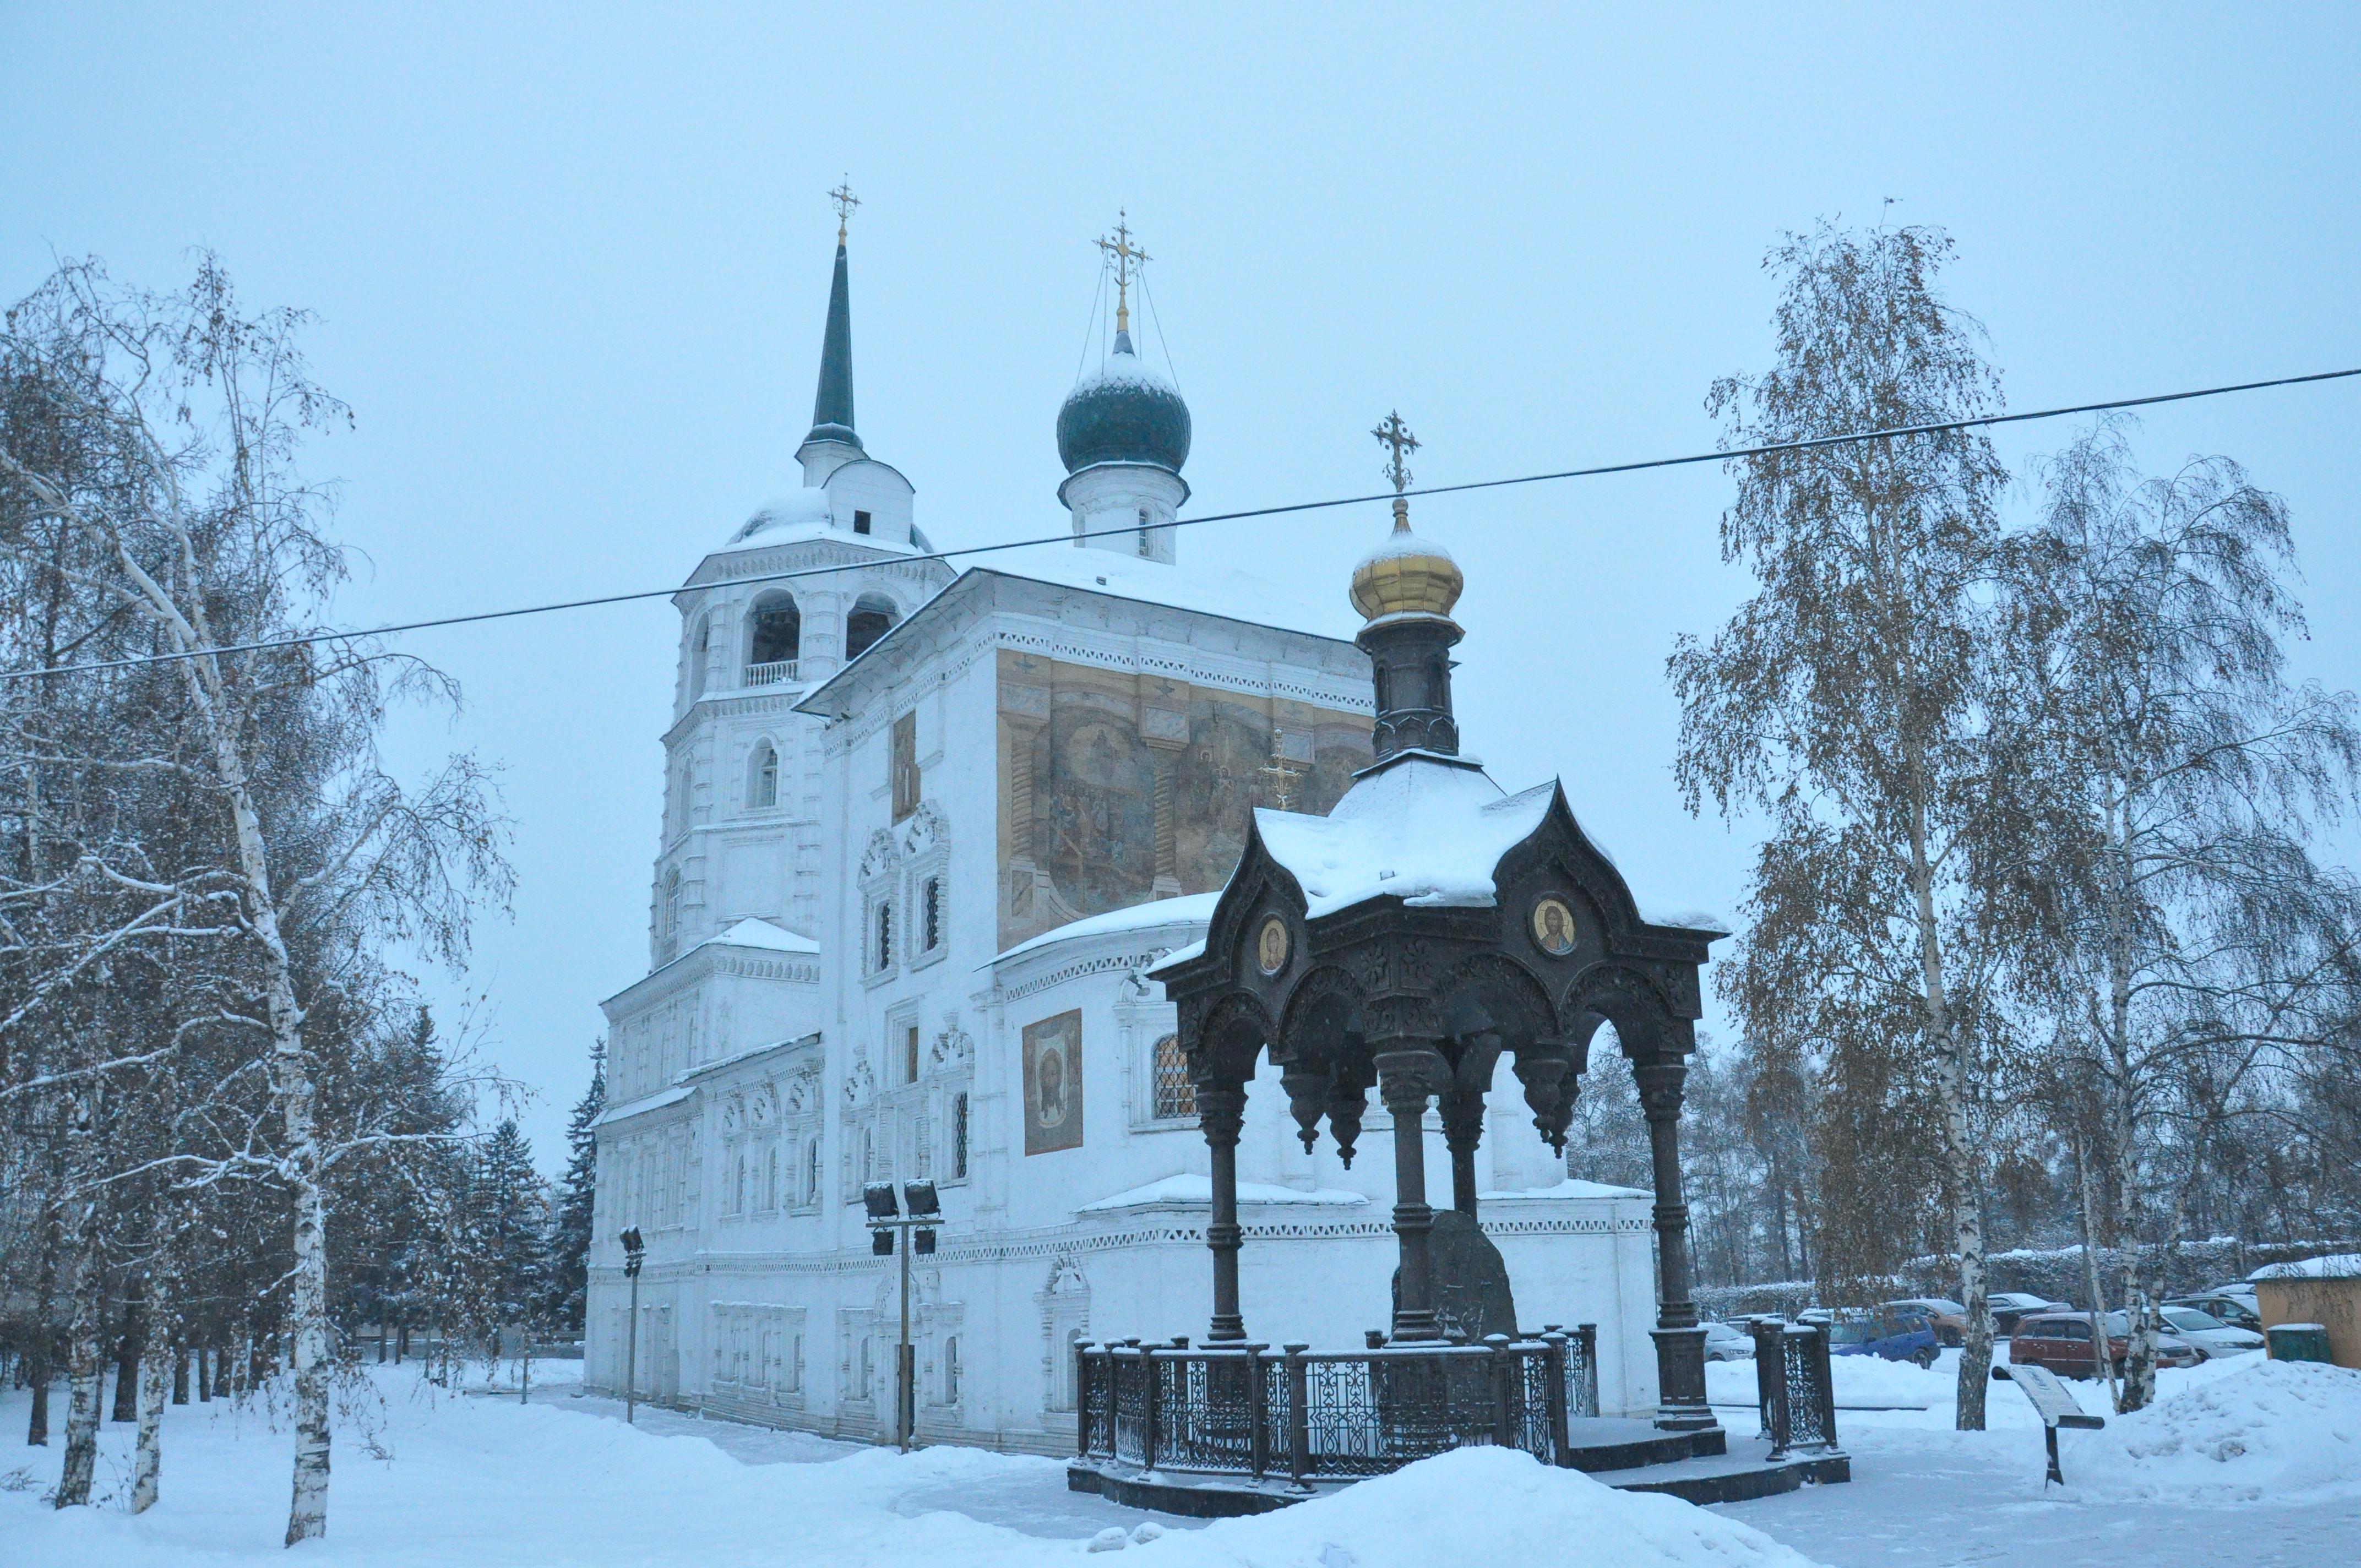 波兰天主教堂,红墙尖顶,有着显而易见的哥特式建筑风格.